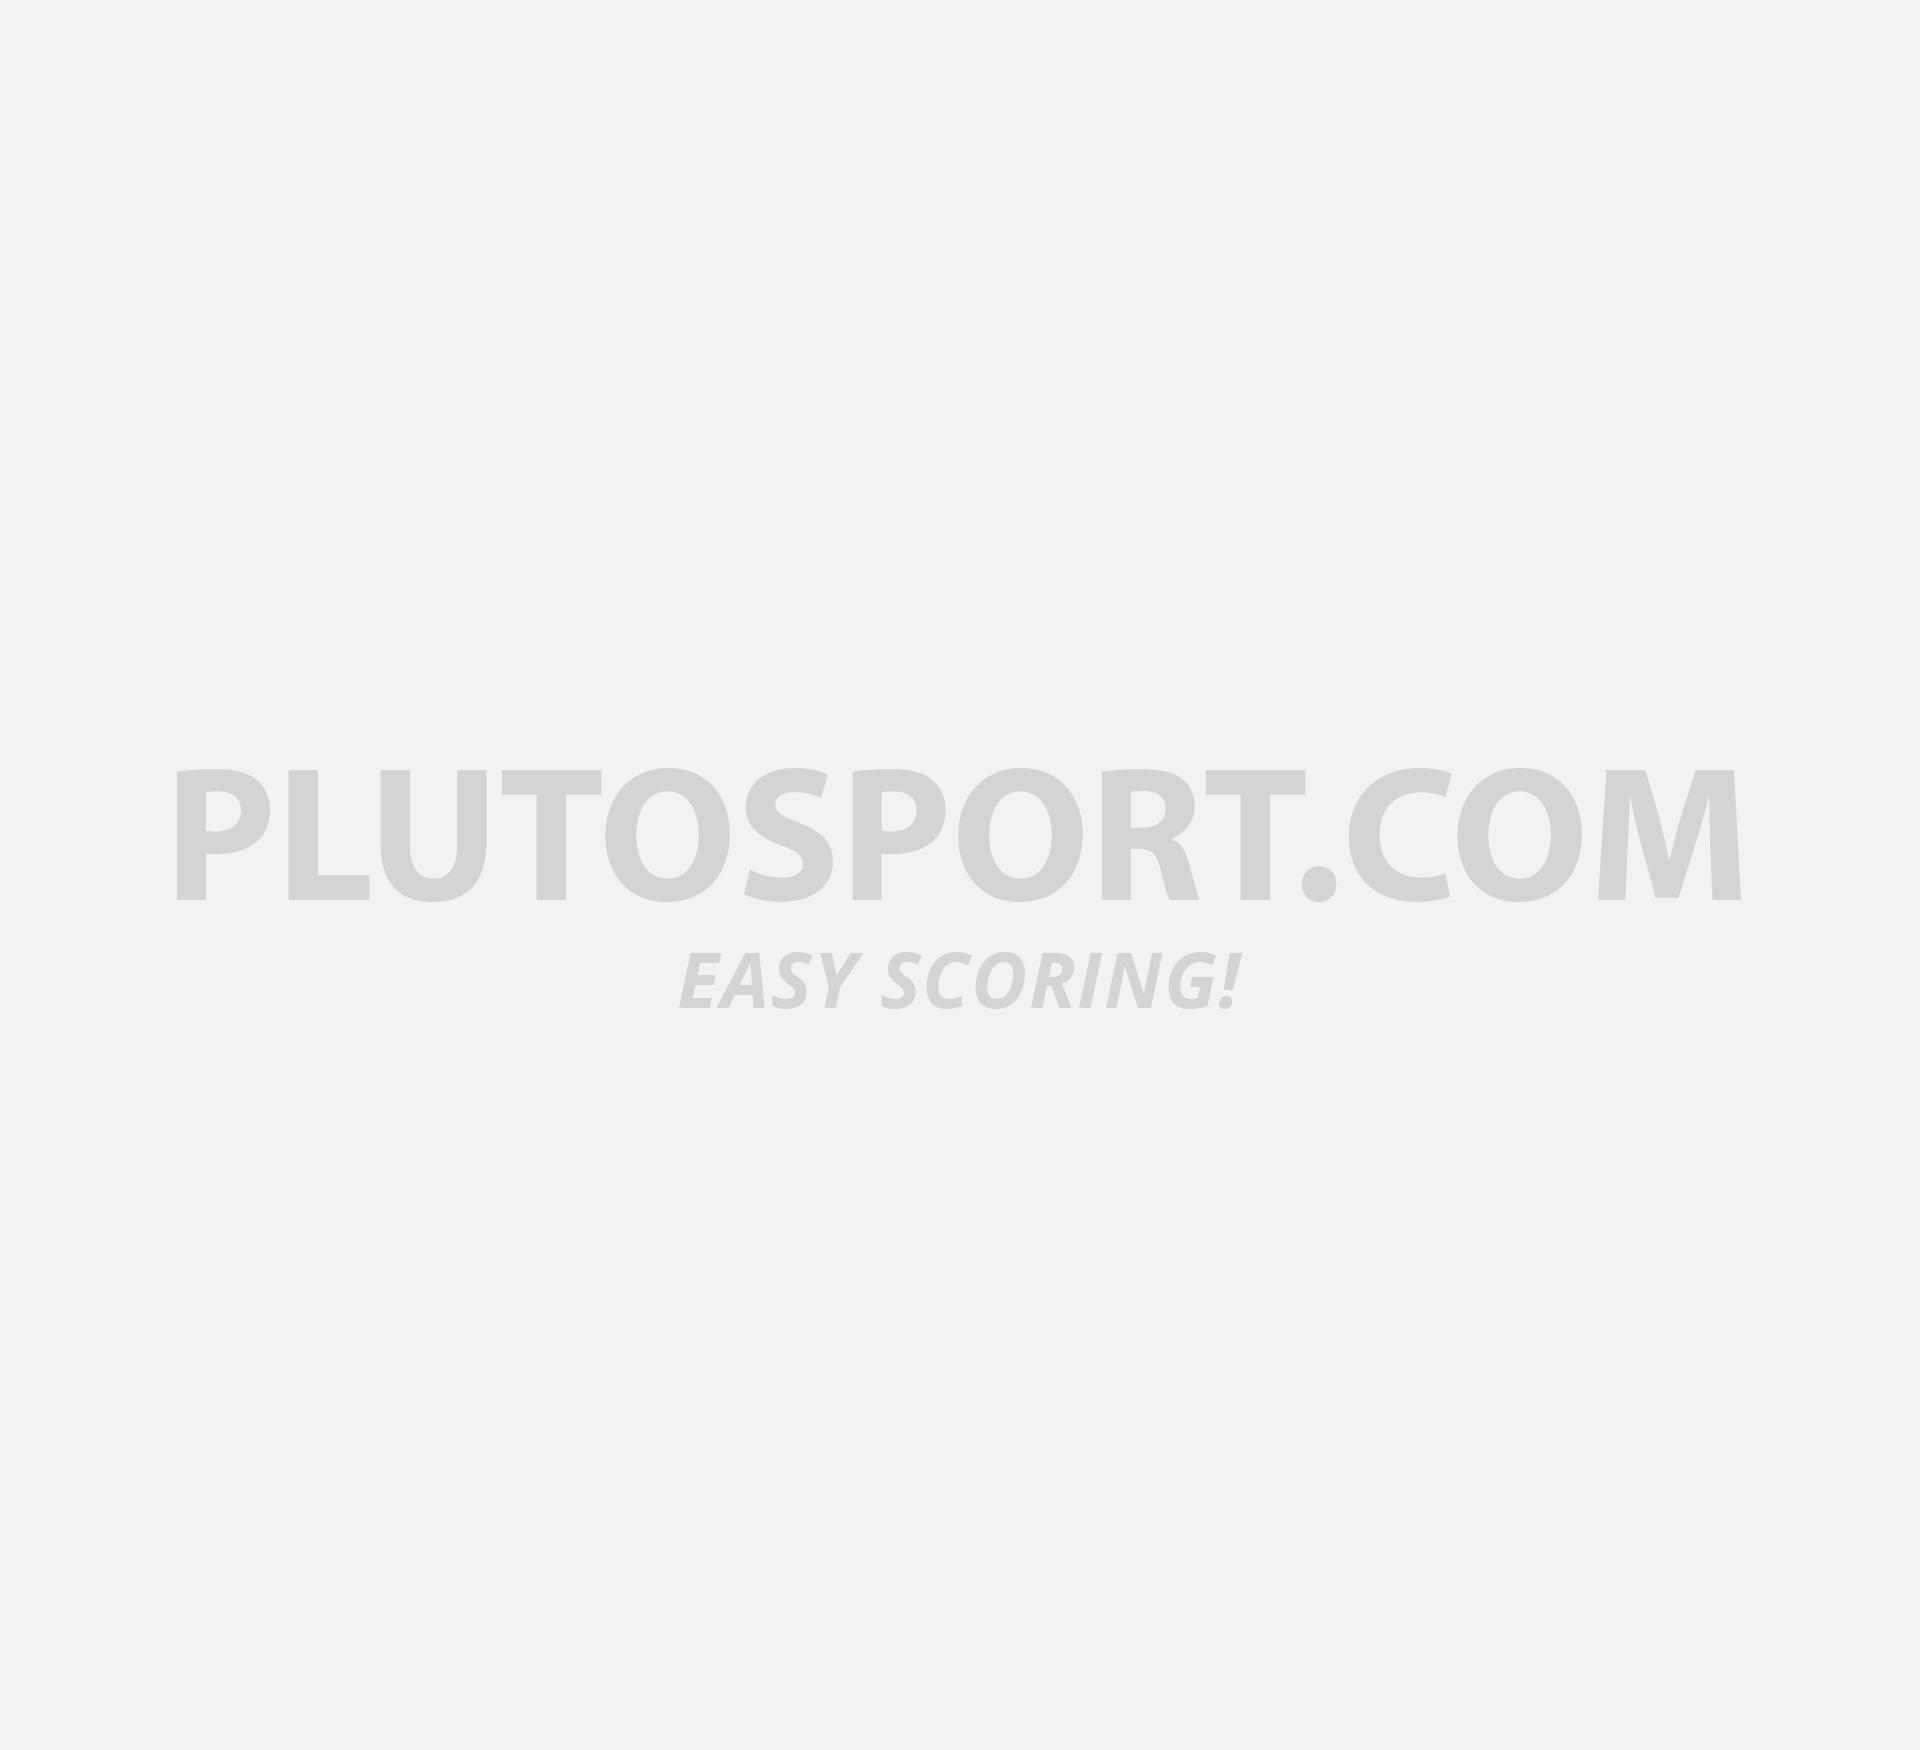 3696ea3733b Superdry Sleek Piste Ski Jacket - Winter jackets - Jackets - Clothing -  Lifestyle - Sports